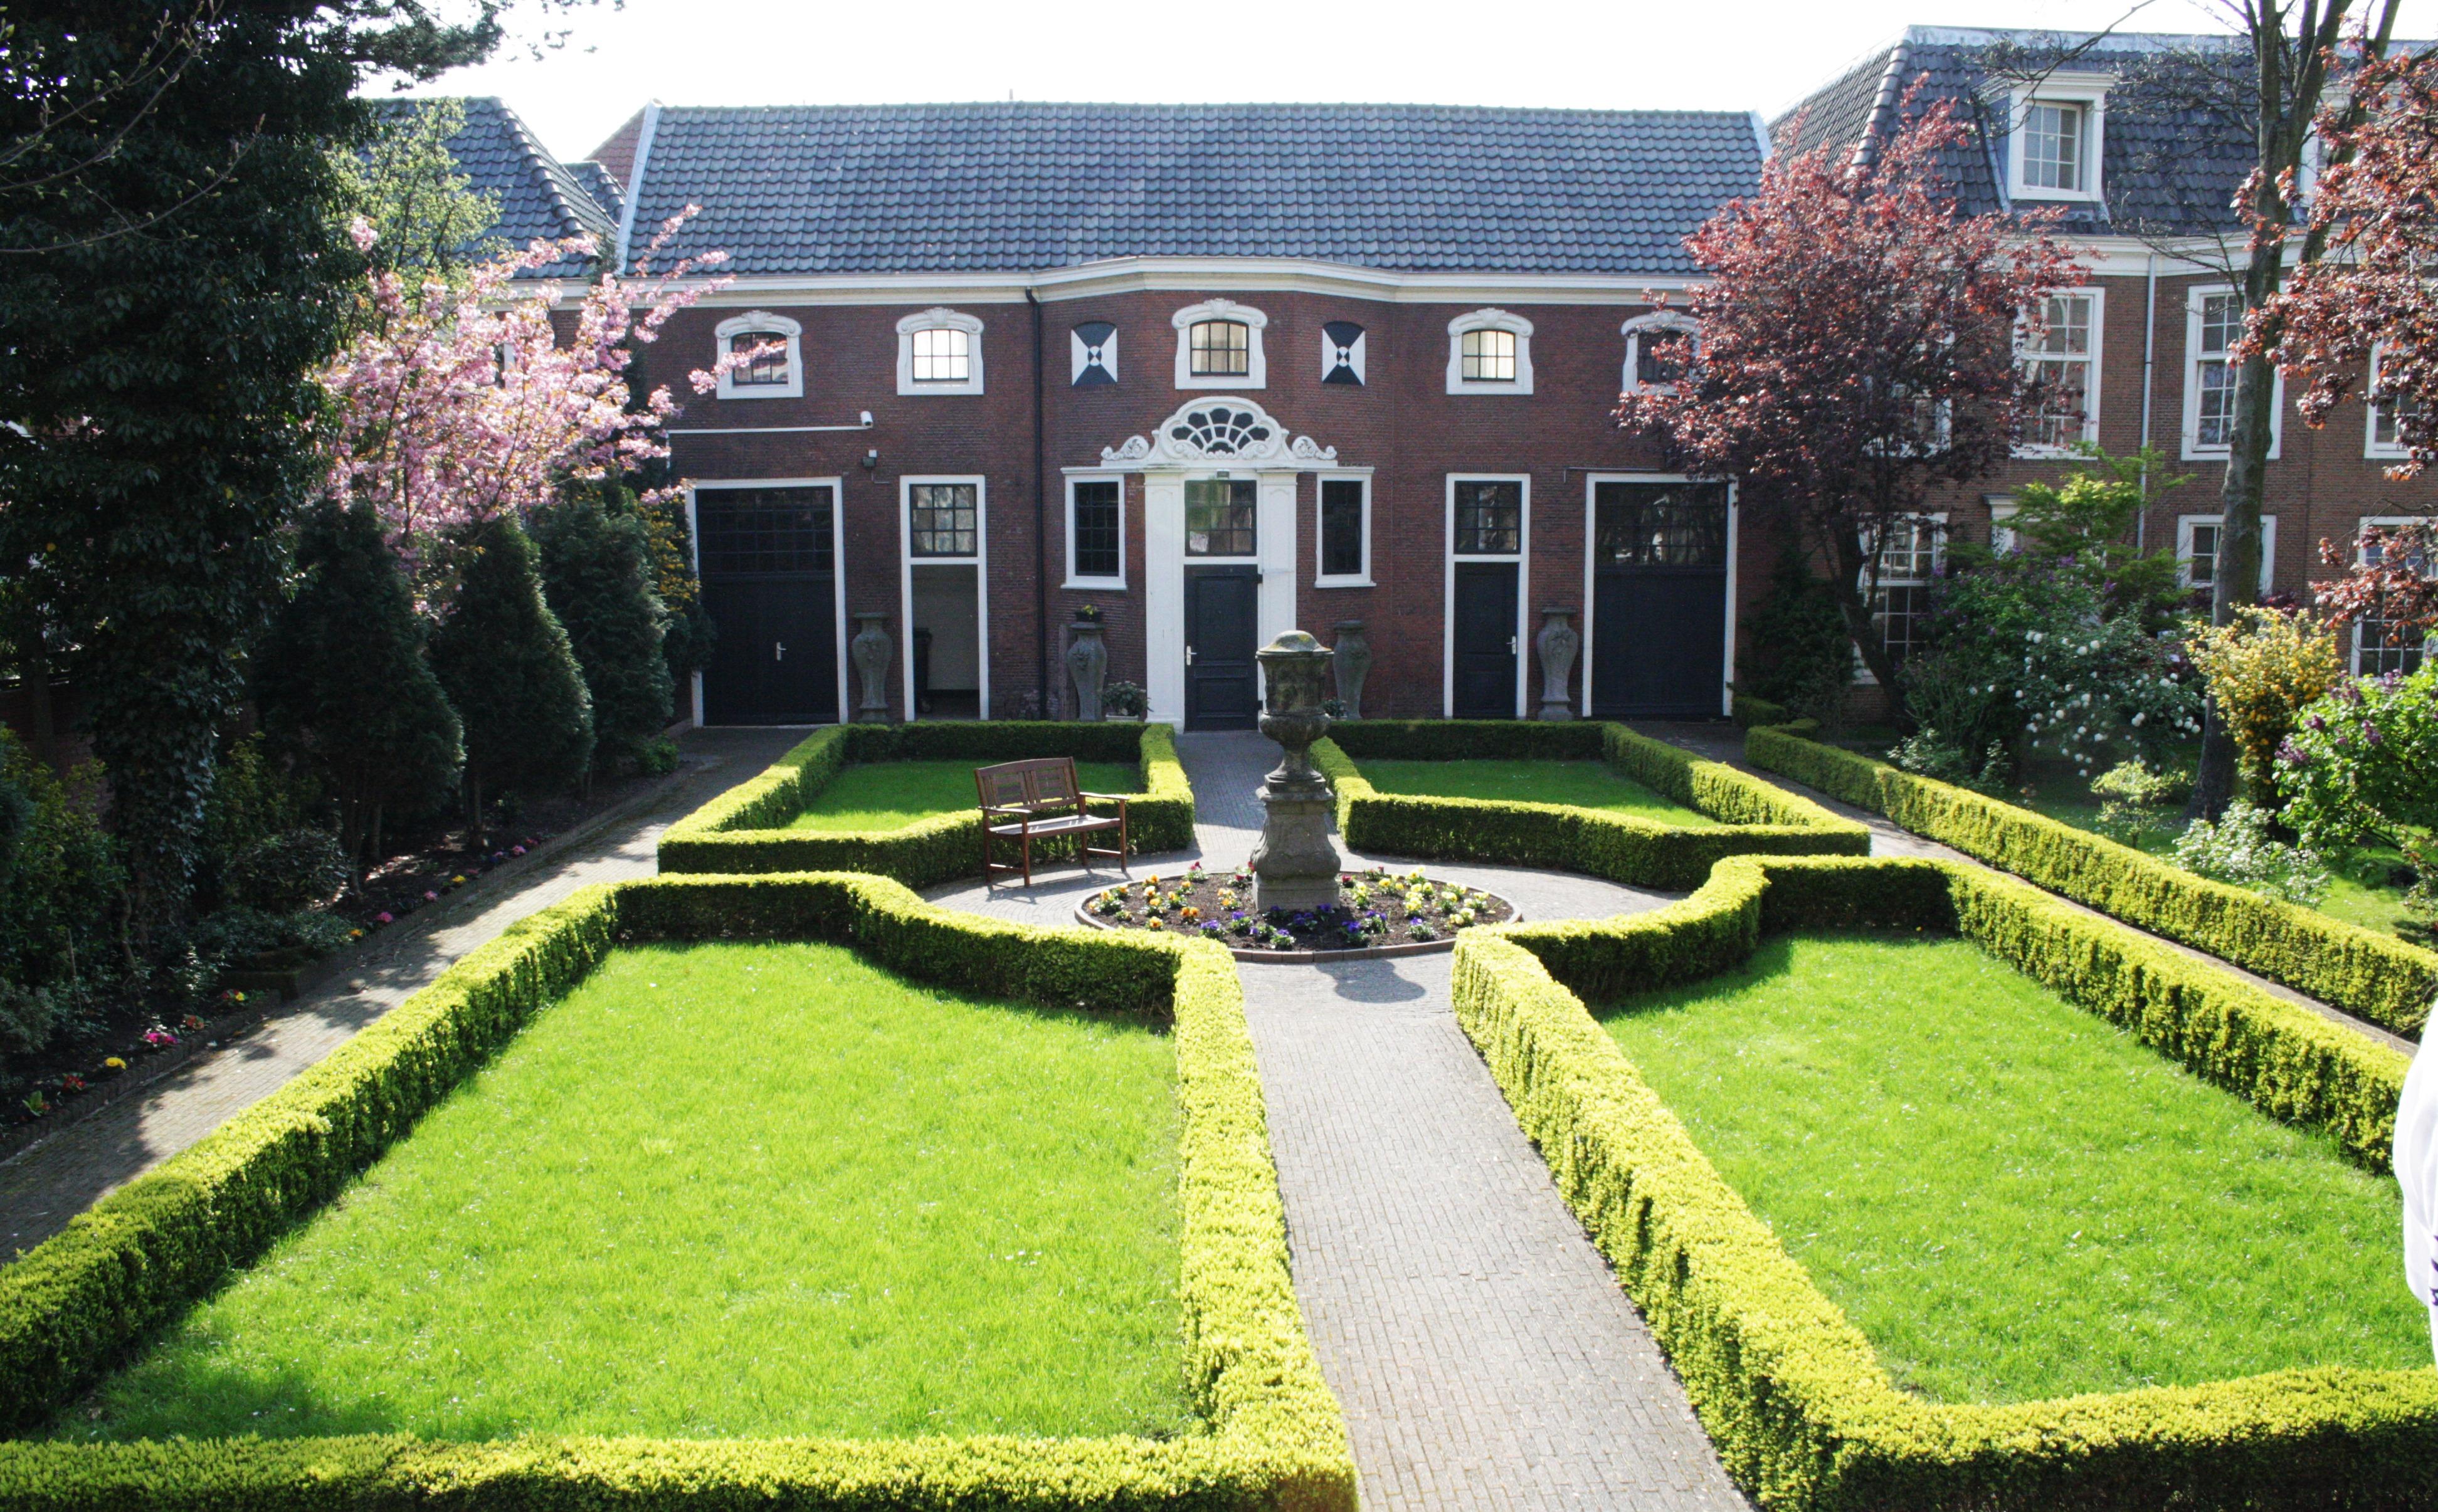 fotos gratis csped palacio pasarela verano ambiente verde patio interior residencia propiedad jardn paisajismo lujo arbusto inmuebles